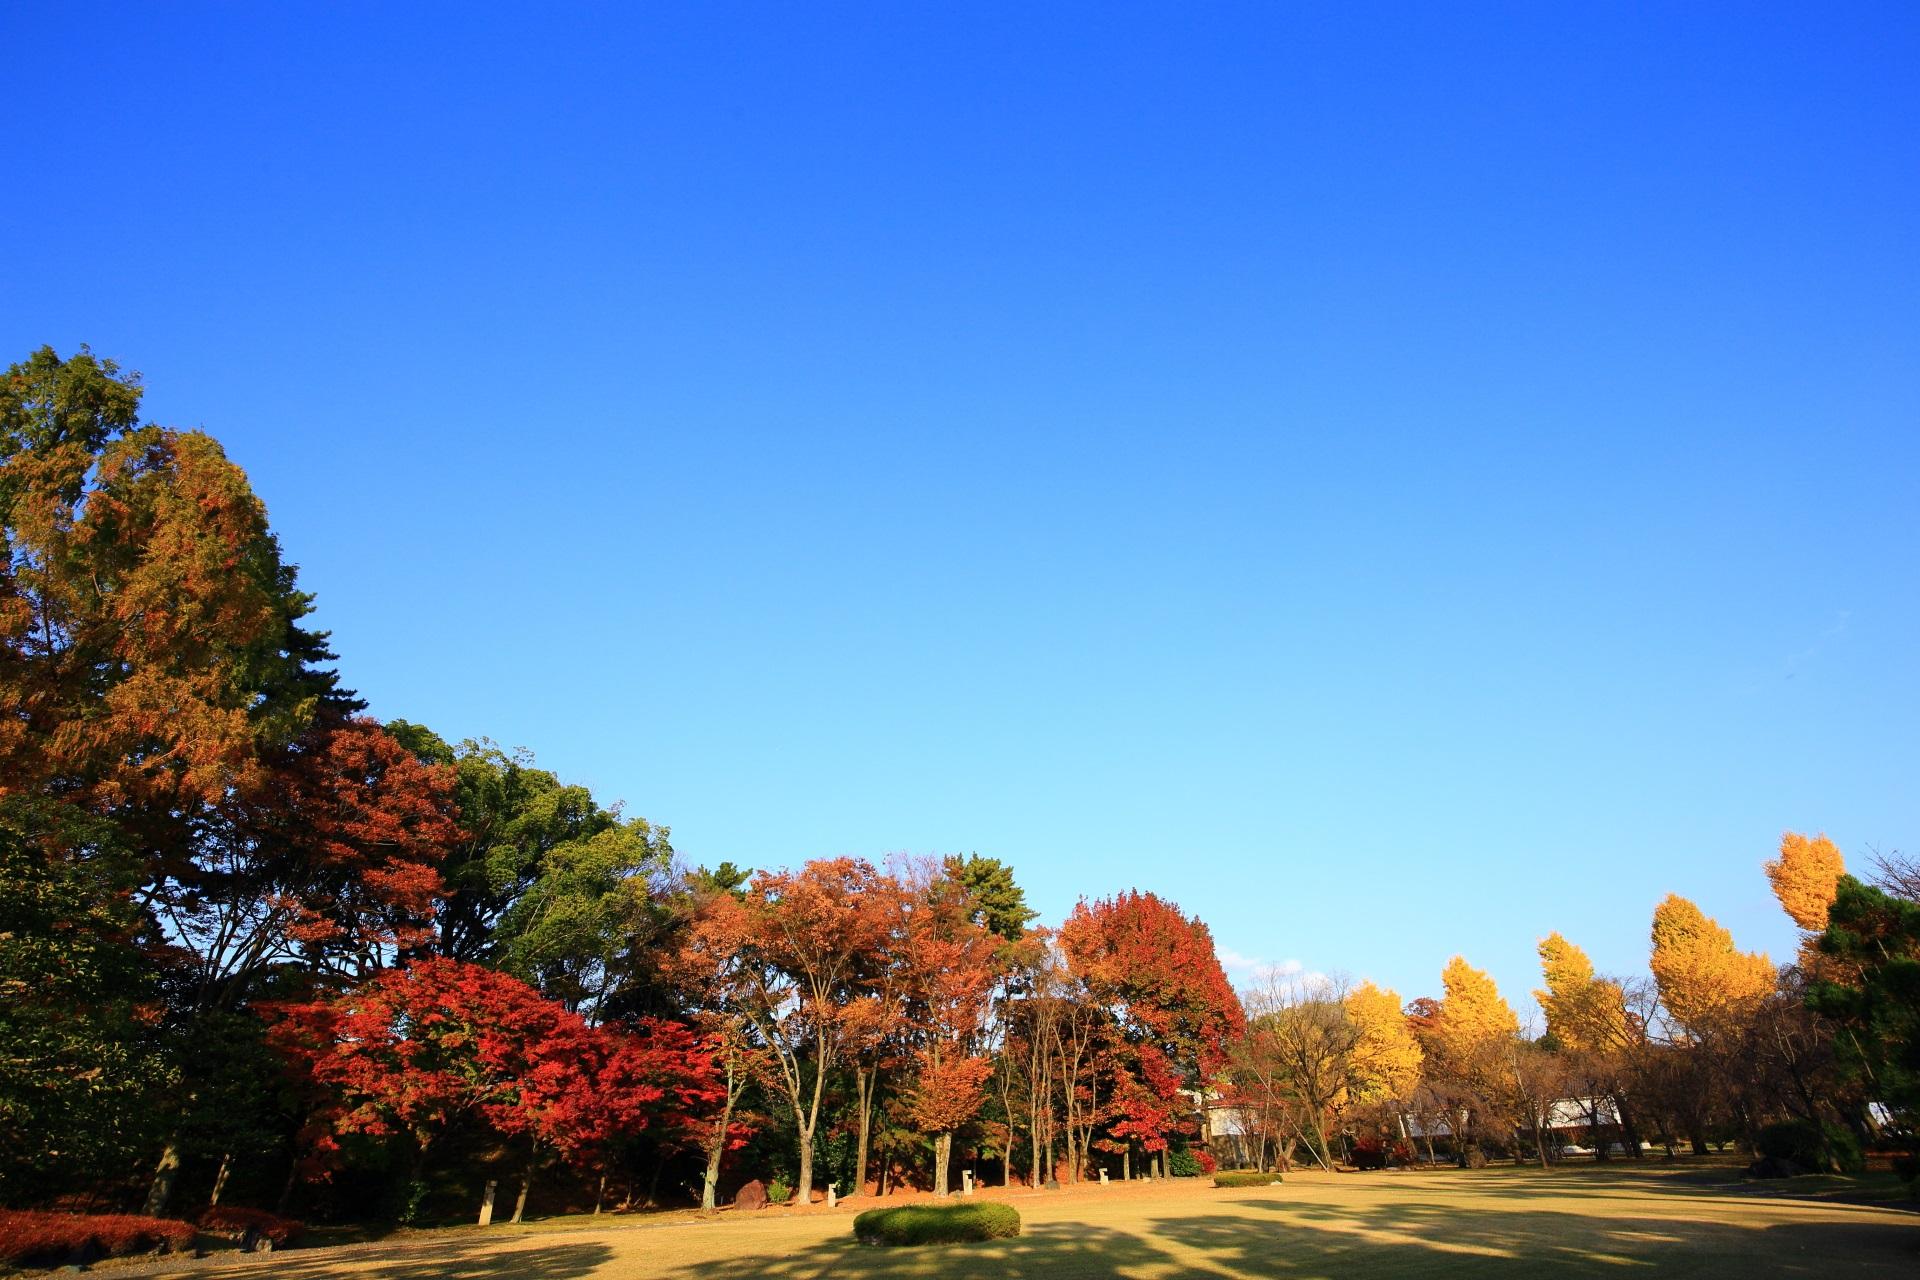 青空に映える華やかな銀杏と紅葉